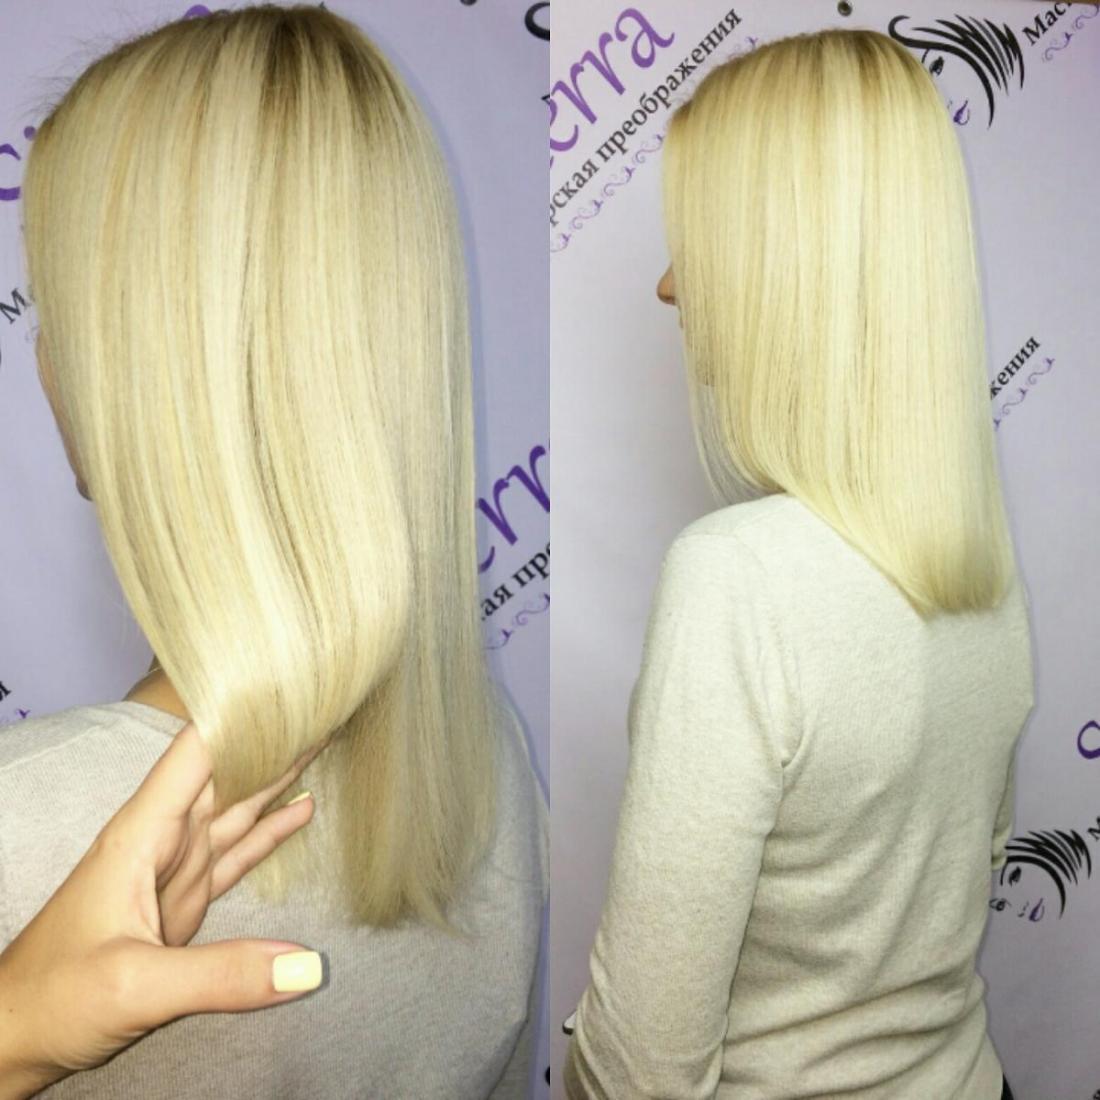 Бразильское выпрямление, различные виды лечения волос всего от 12 руб.